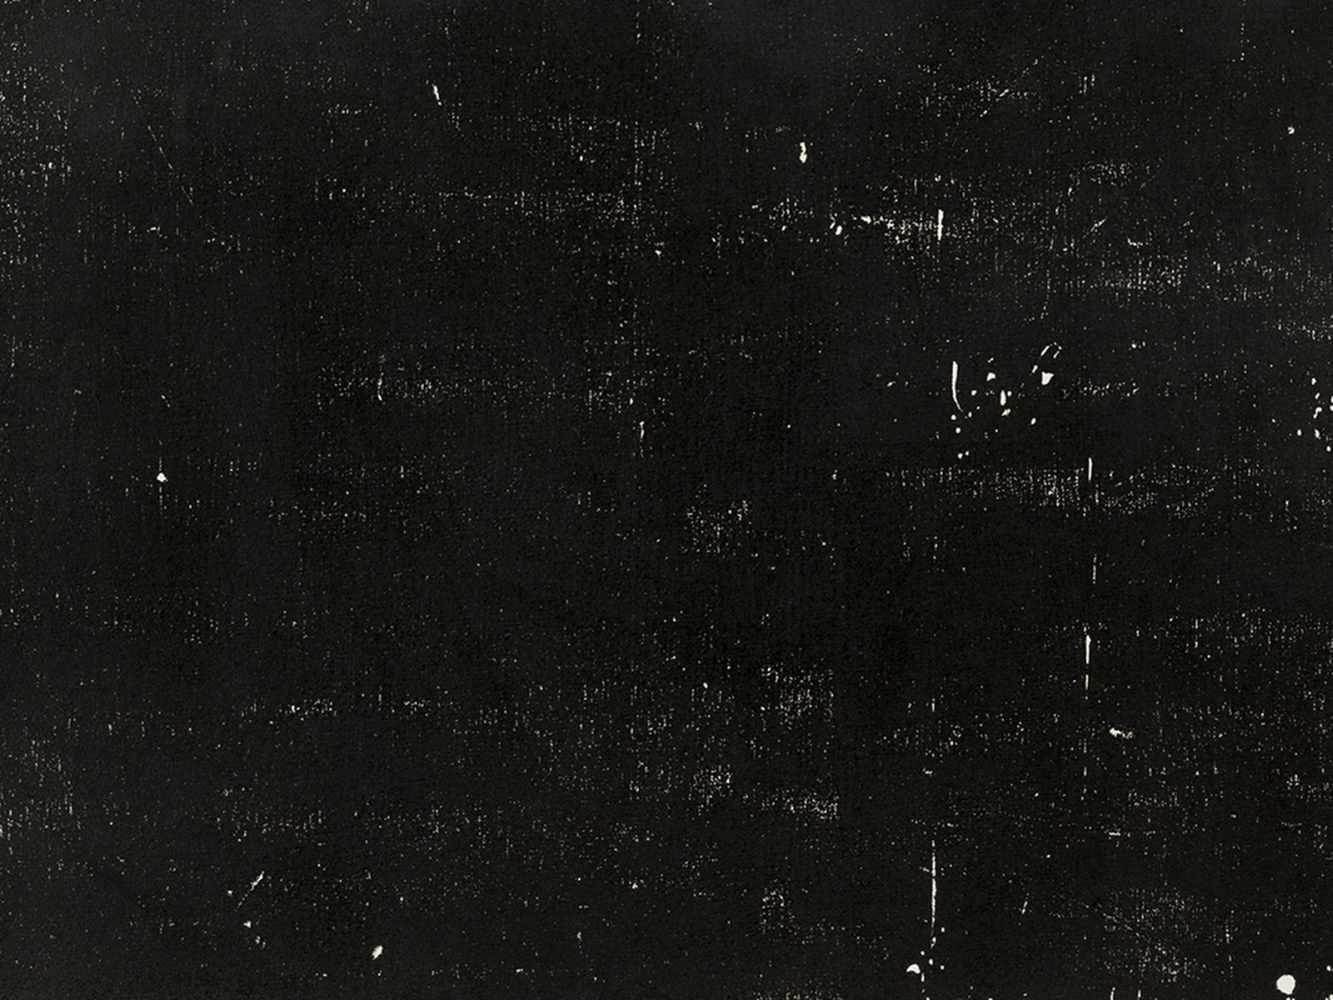 Matthias Mansen (b. 1958), Max von Laue, Woodcut, 1999 - Image 5 of 7